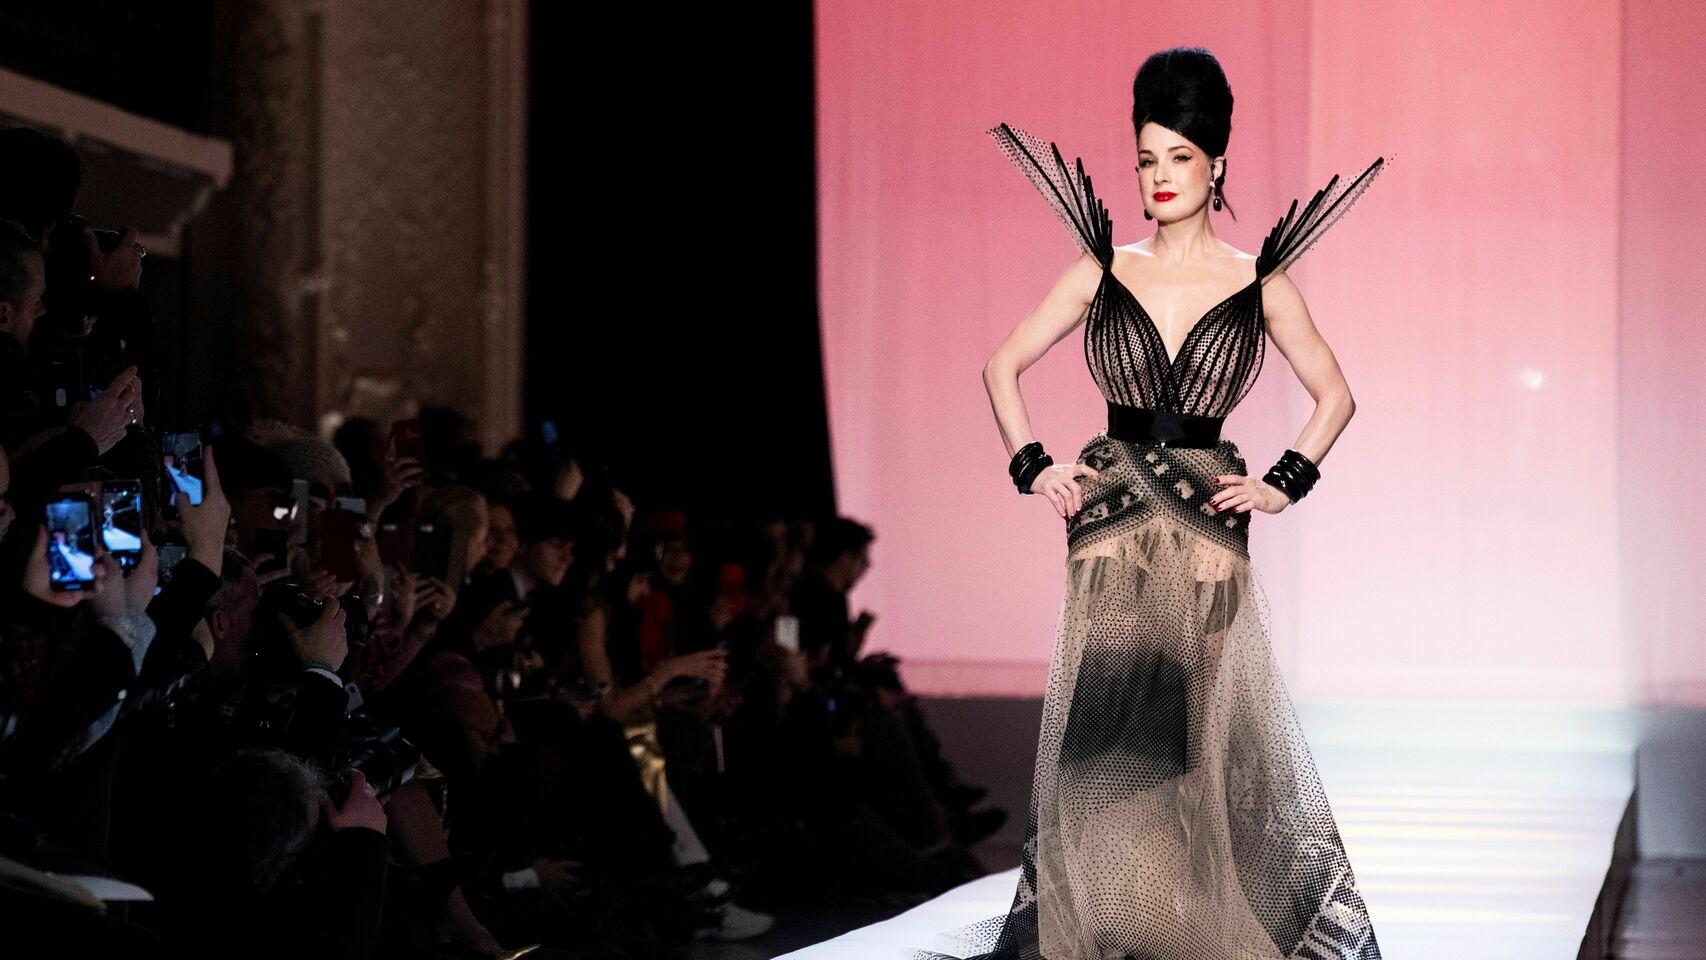 Jean_Paul_Gaultier-Moda-Desfiles_de_moda-Estilo-El_Estilo_370973999_113072535_1706x960></noscript>